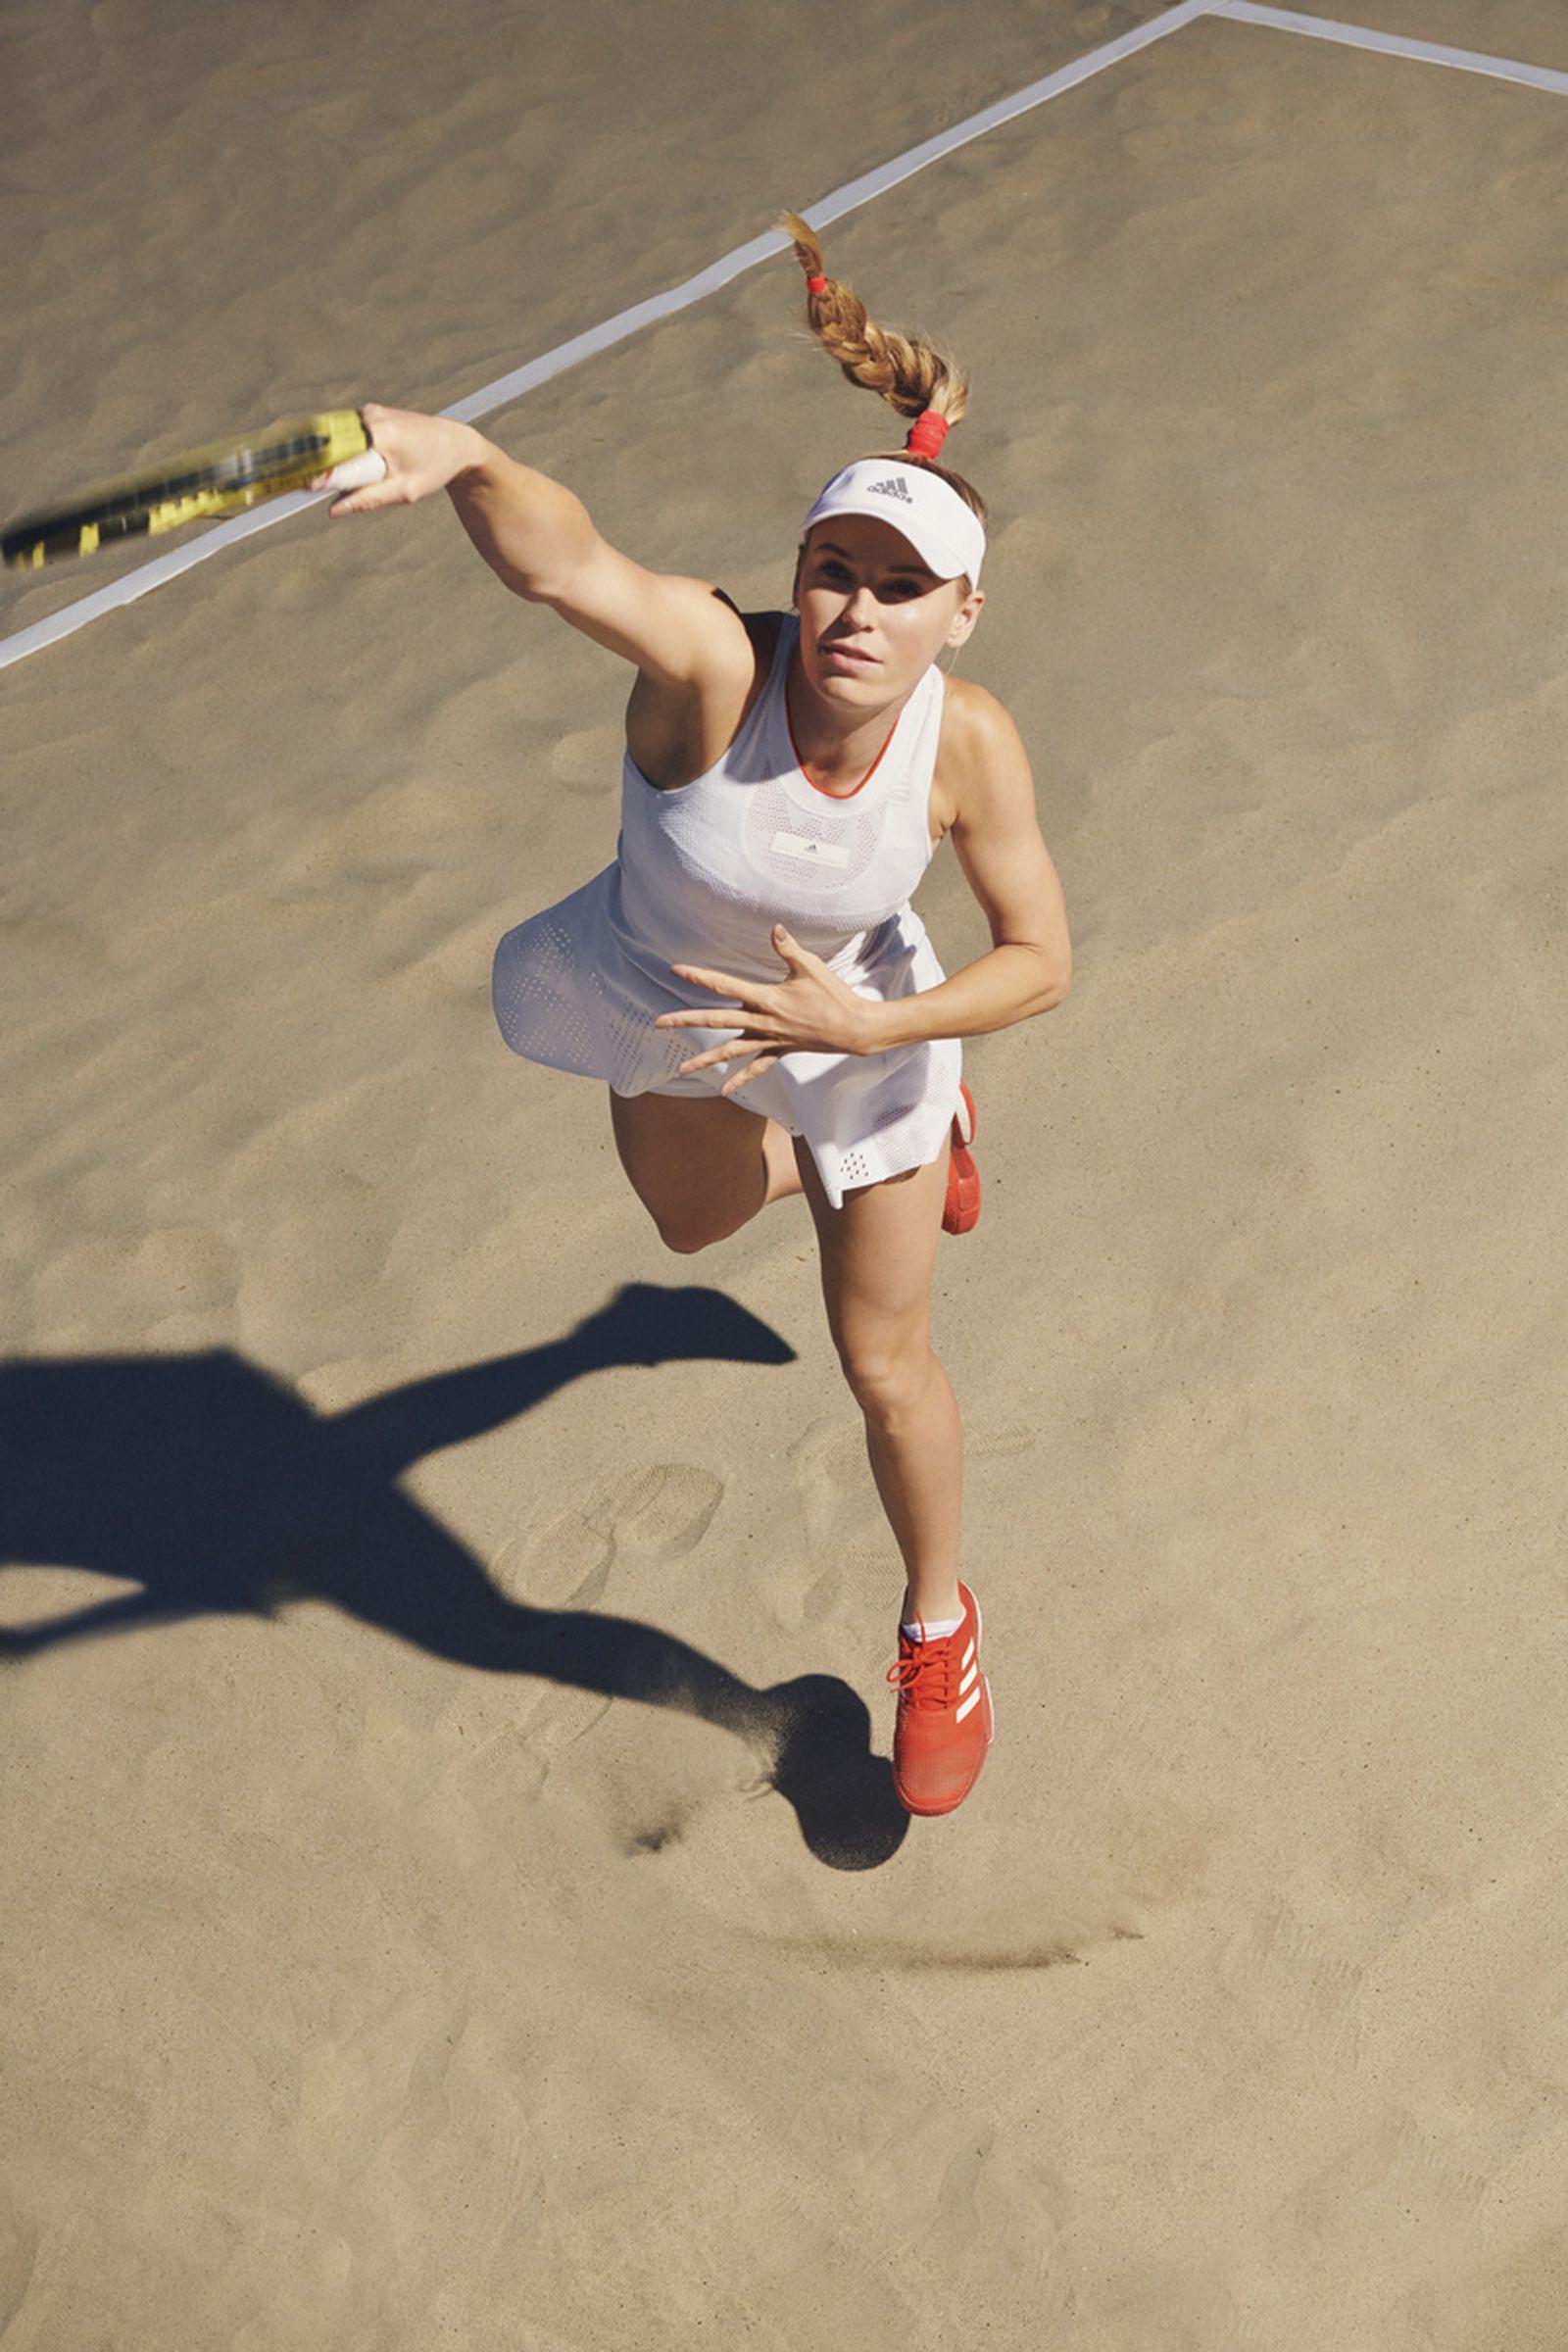 adidas stella mccartney Wimbledon adidas Parley adidas by Stella McCartney